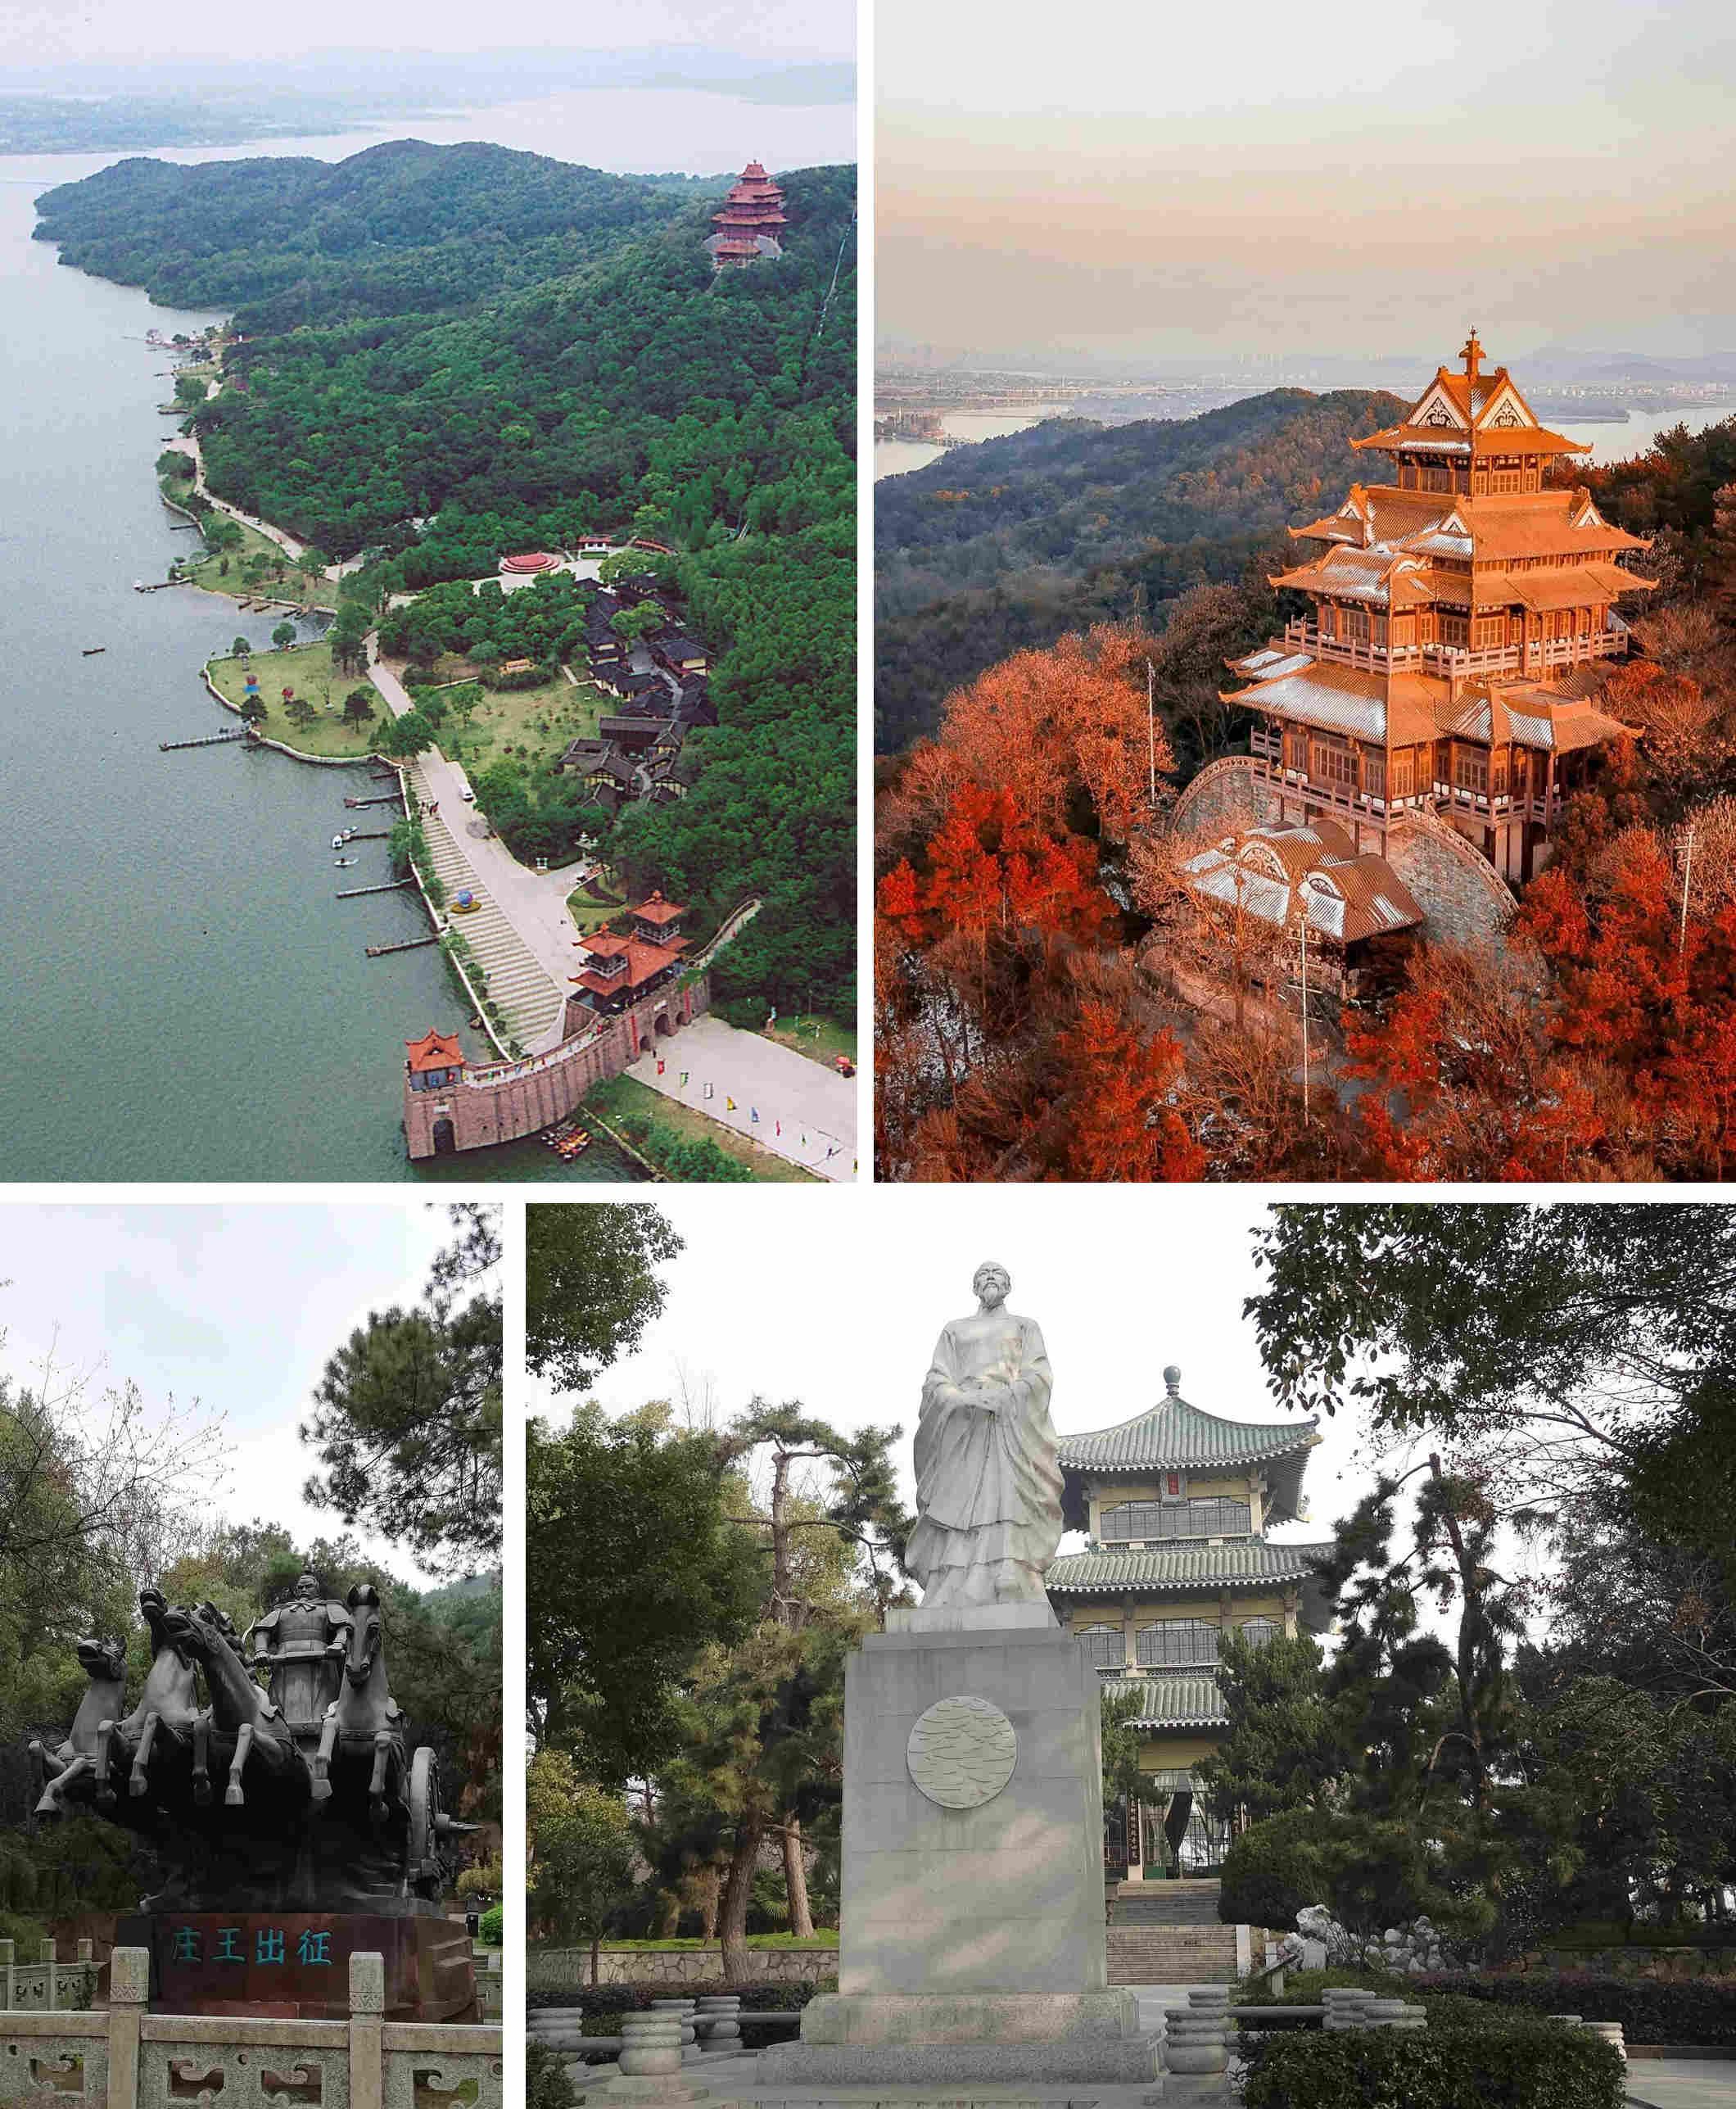 上左、上右、下左:東湖磨山區的楚城俯瞰、楚天台、楚莊王出征雕塑。下右:聽濤區的行吟閣與屈原雕塑像。